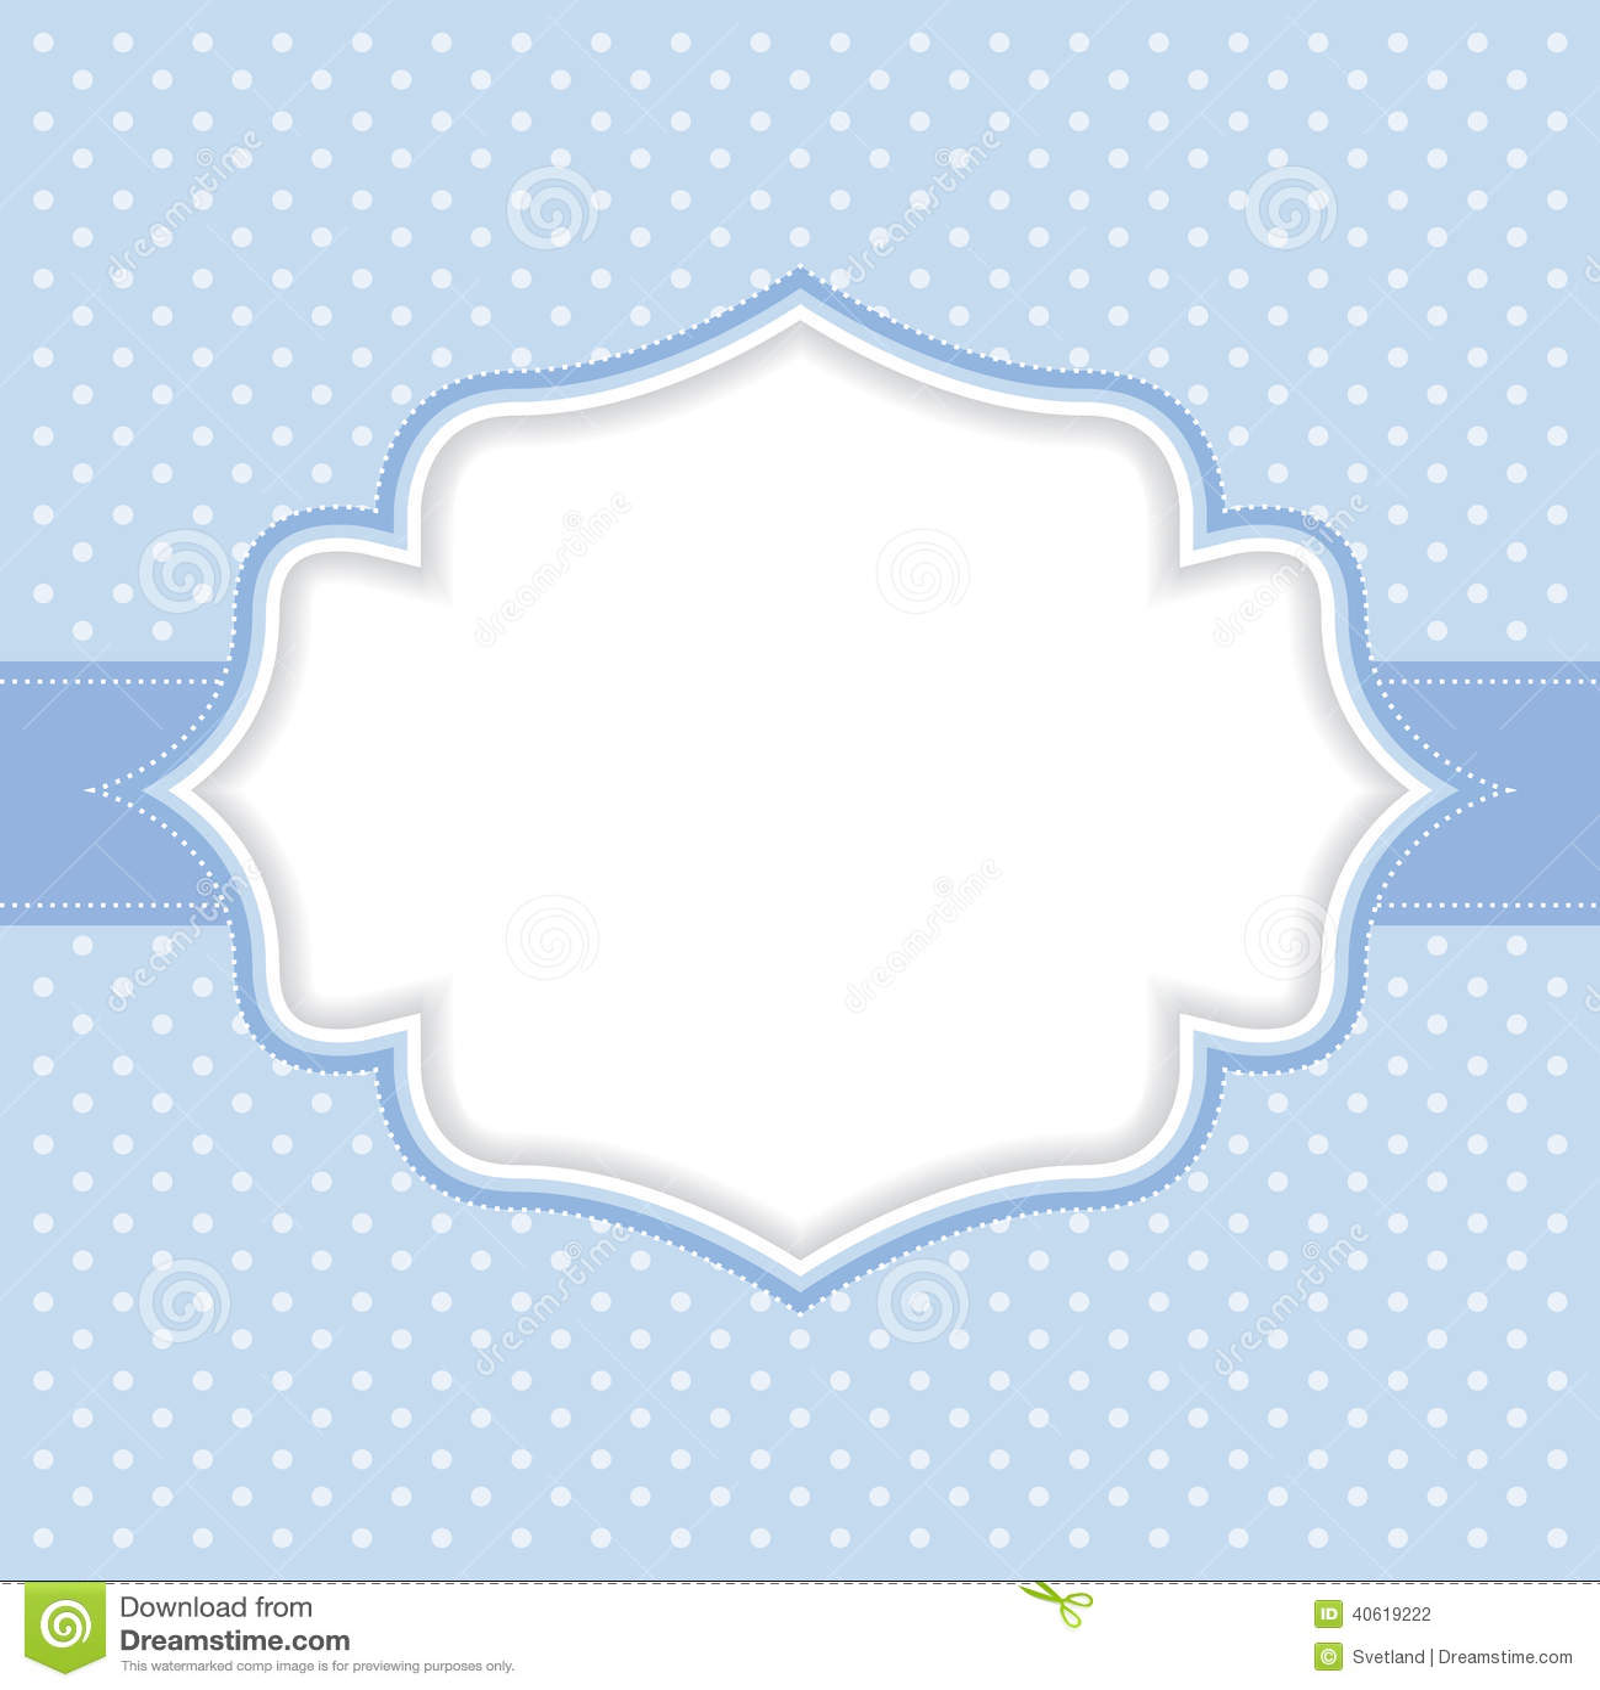 Polka dot frame stock illustration. Illustration of ...